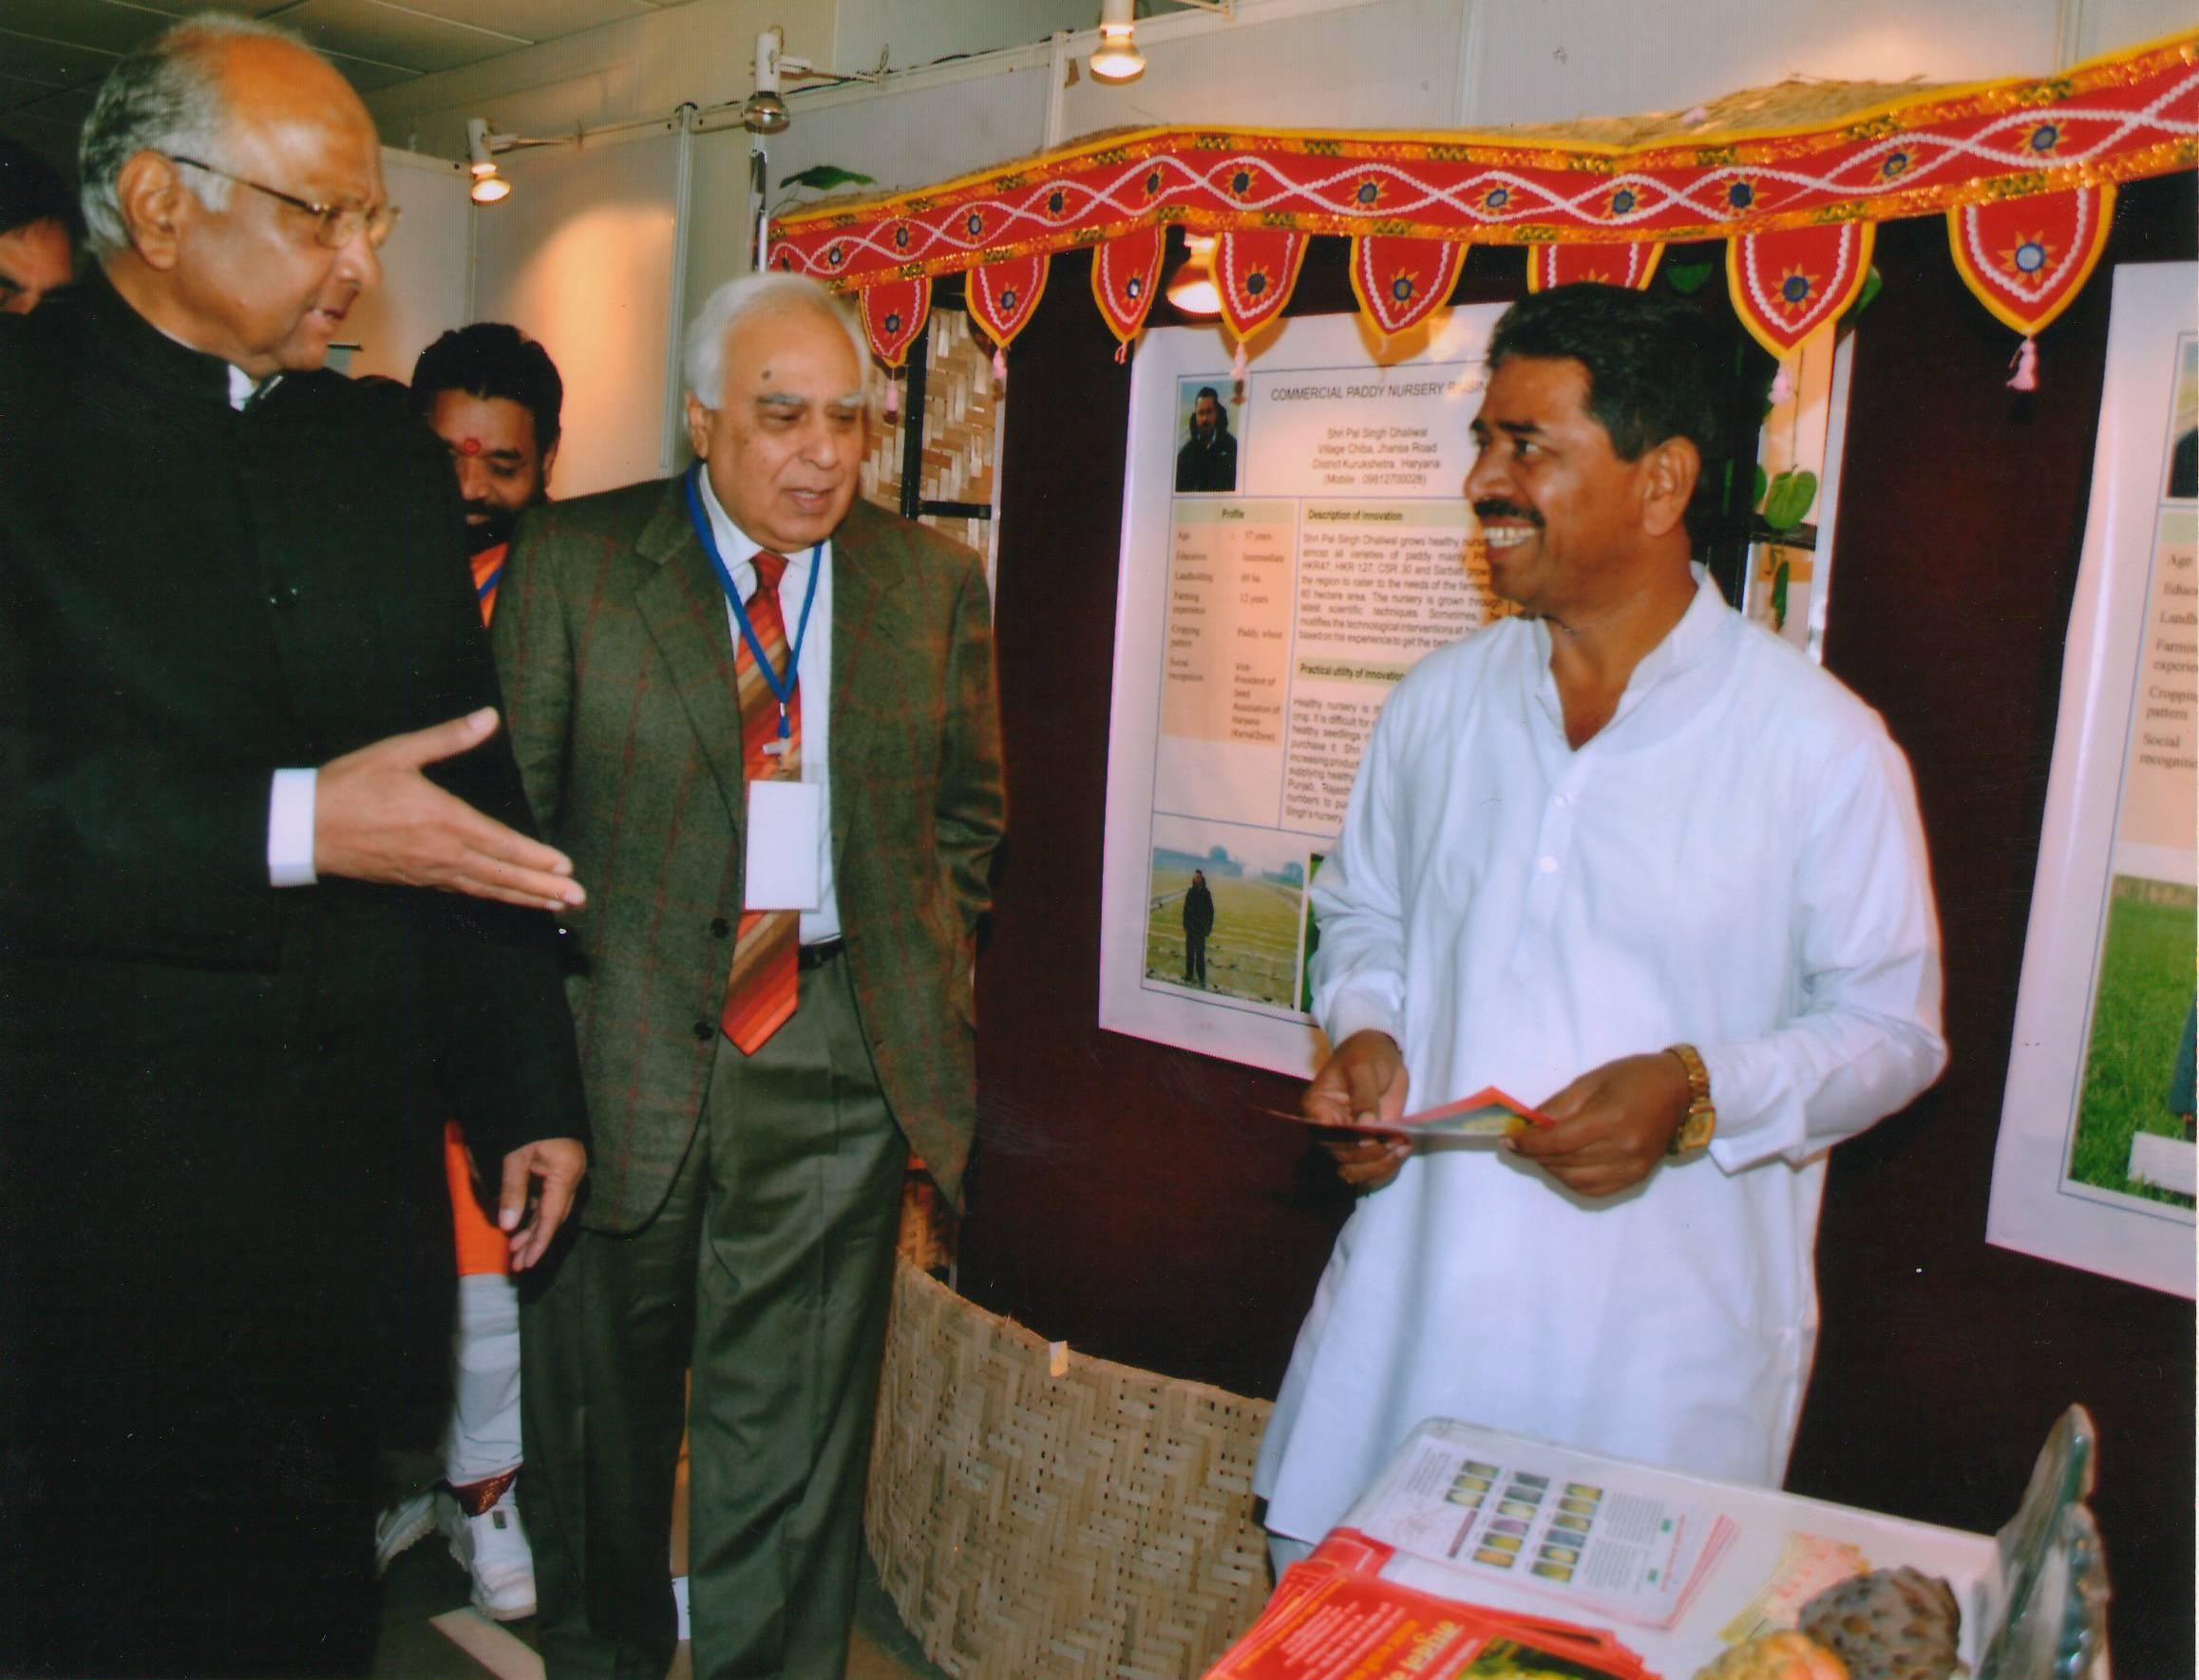 दिल्ली येथील एका कार्यक्रमात तत्कालीन केंद्रीय मंत्री शरद पवार यांना NMK 1 Golden या नवीन वाणाची माहिती देताना